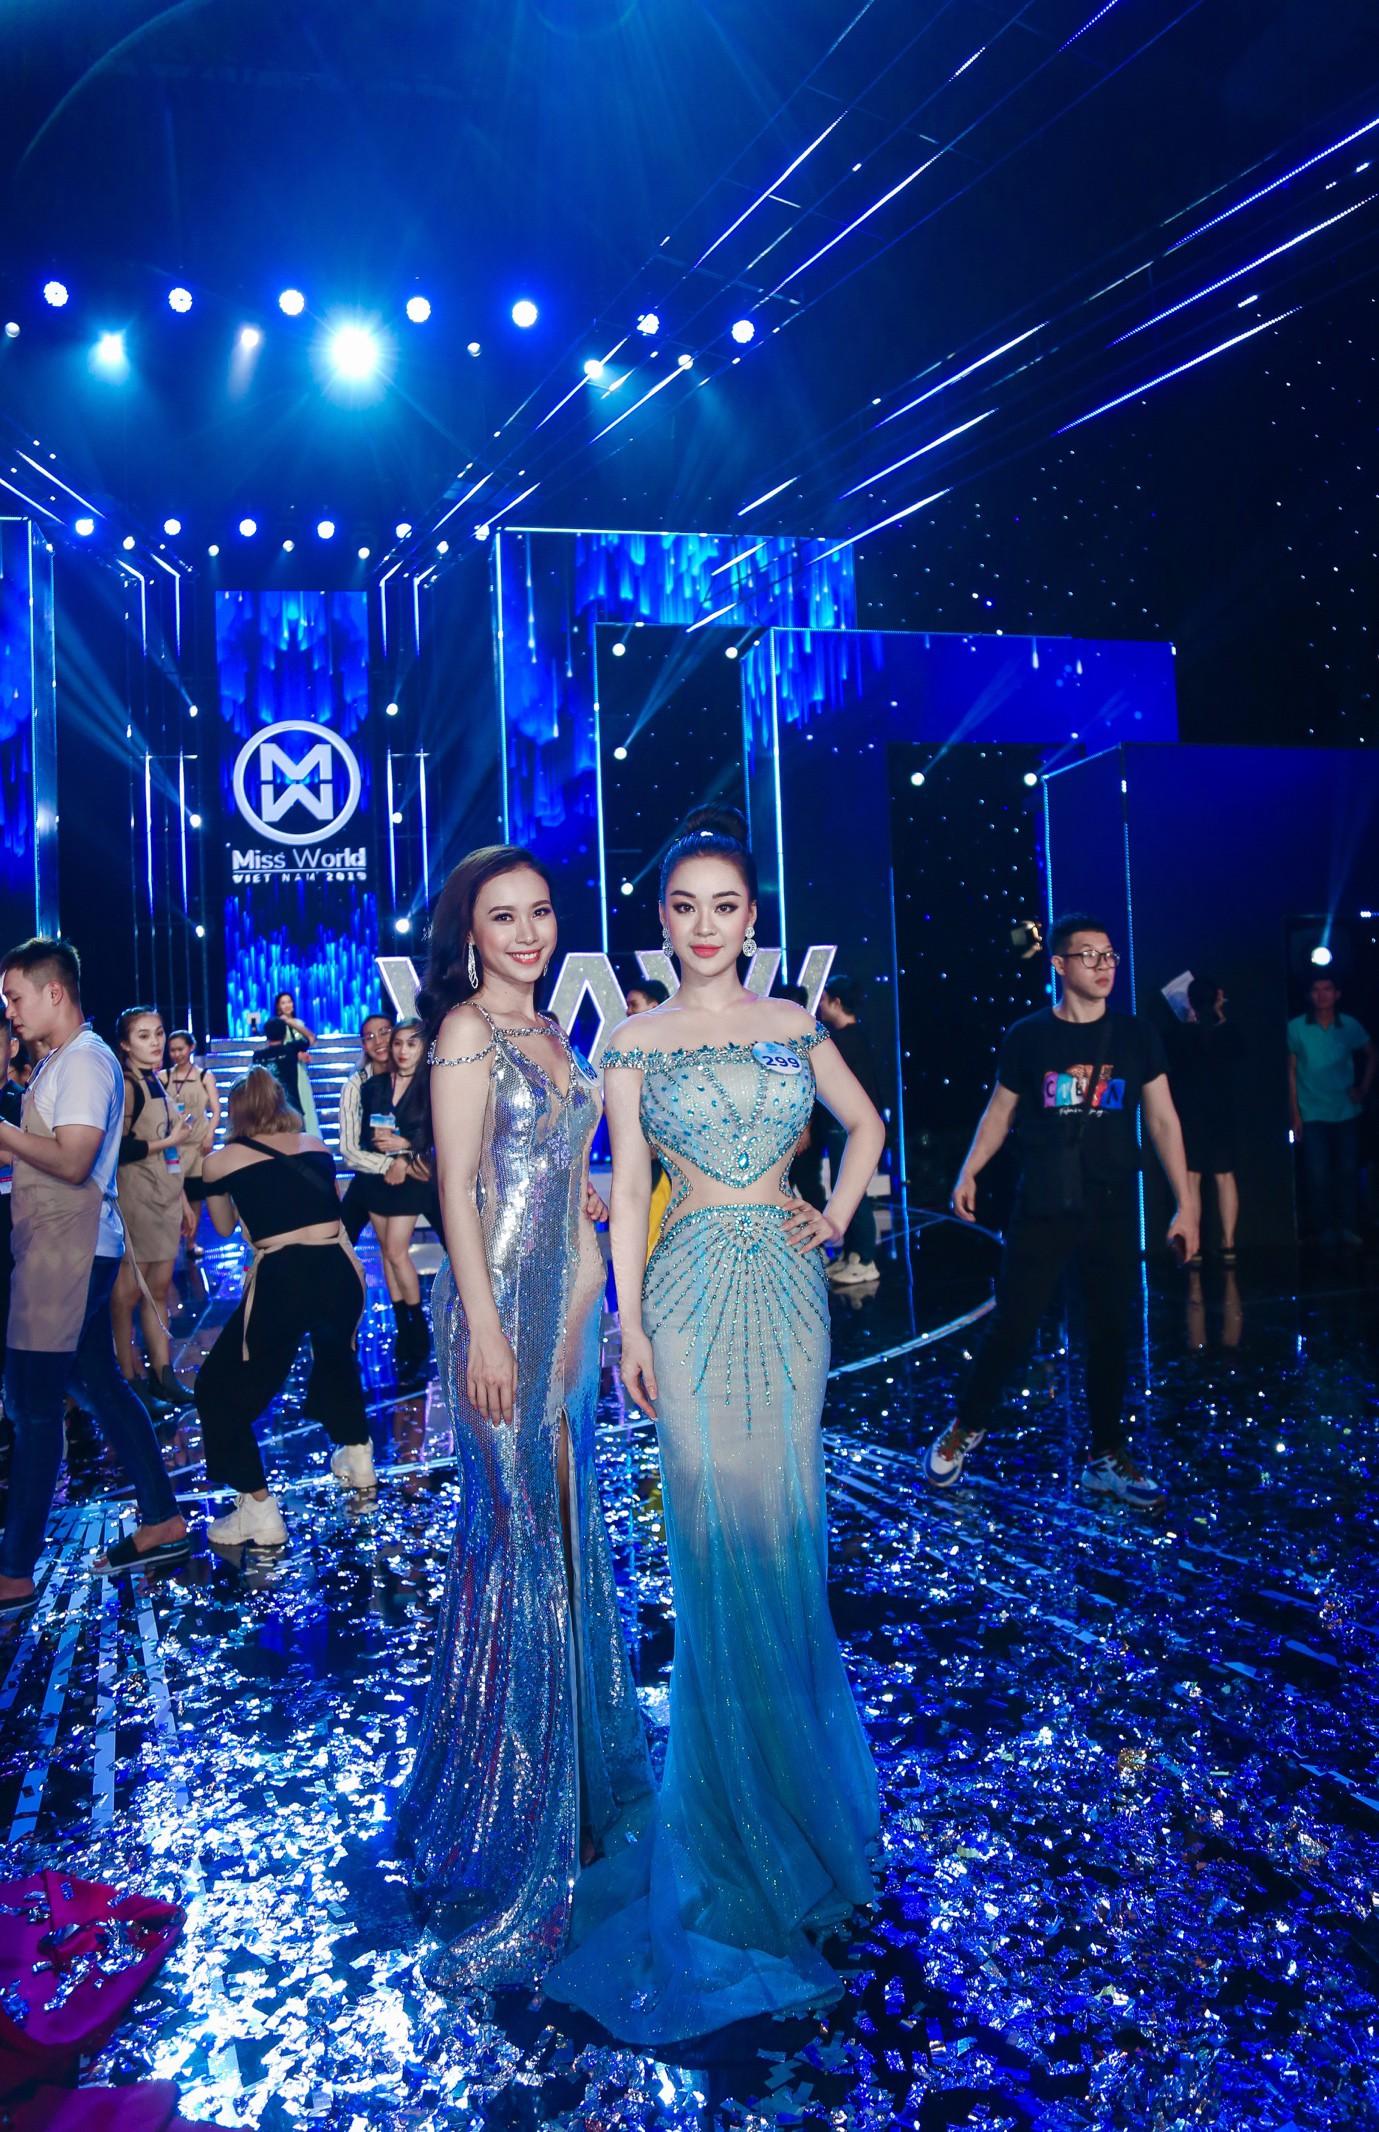 """8 lần đi thi nhan sắc, thí sinh Miss World Việt Nam tự tin tuyên bố: """"Tôi không bao giờ bỏ cuộc - Ảnh 7."""